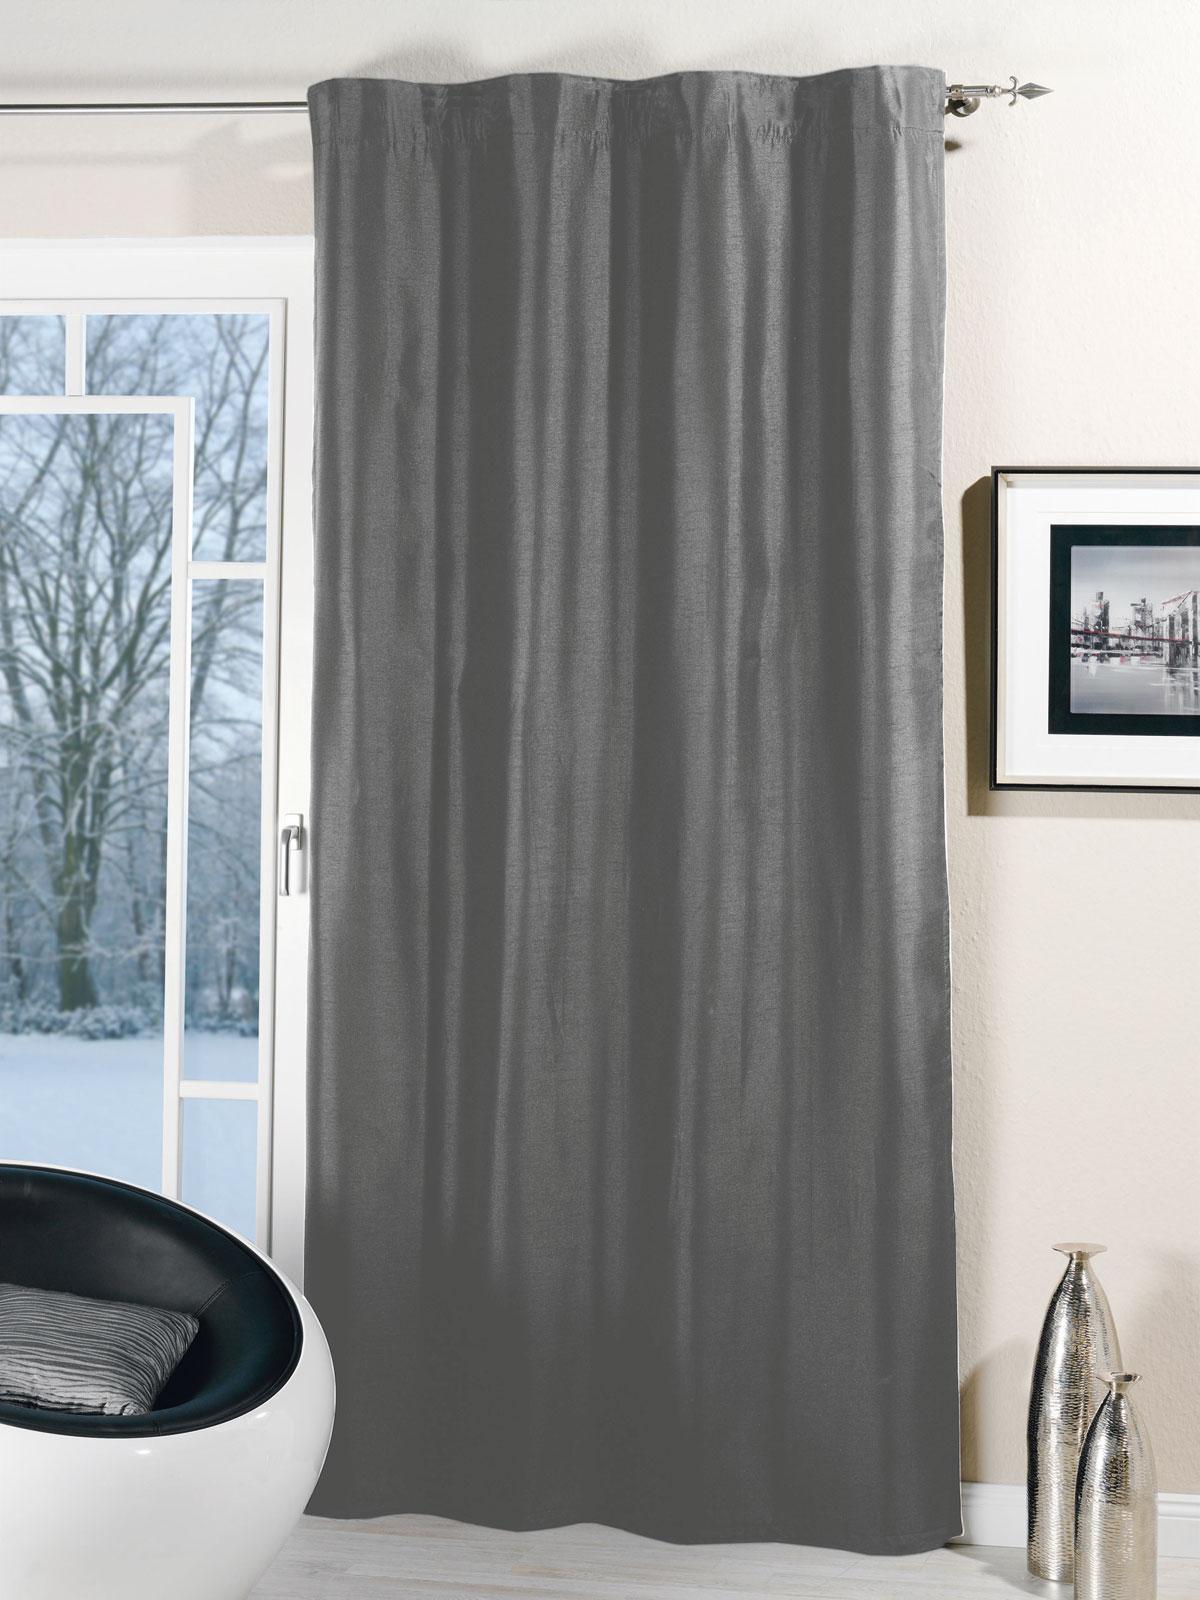 Gardinen und Vorhänge - Thermogardine Schlaufen Thermo Dekoschal Vorhang Frosty2 135x245  - Onlineshop PremiumShop321